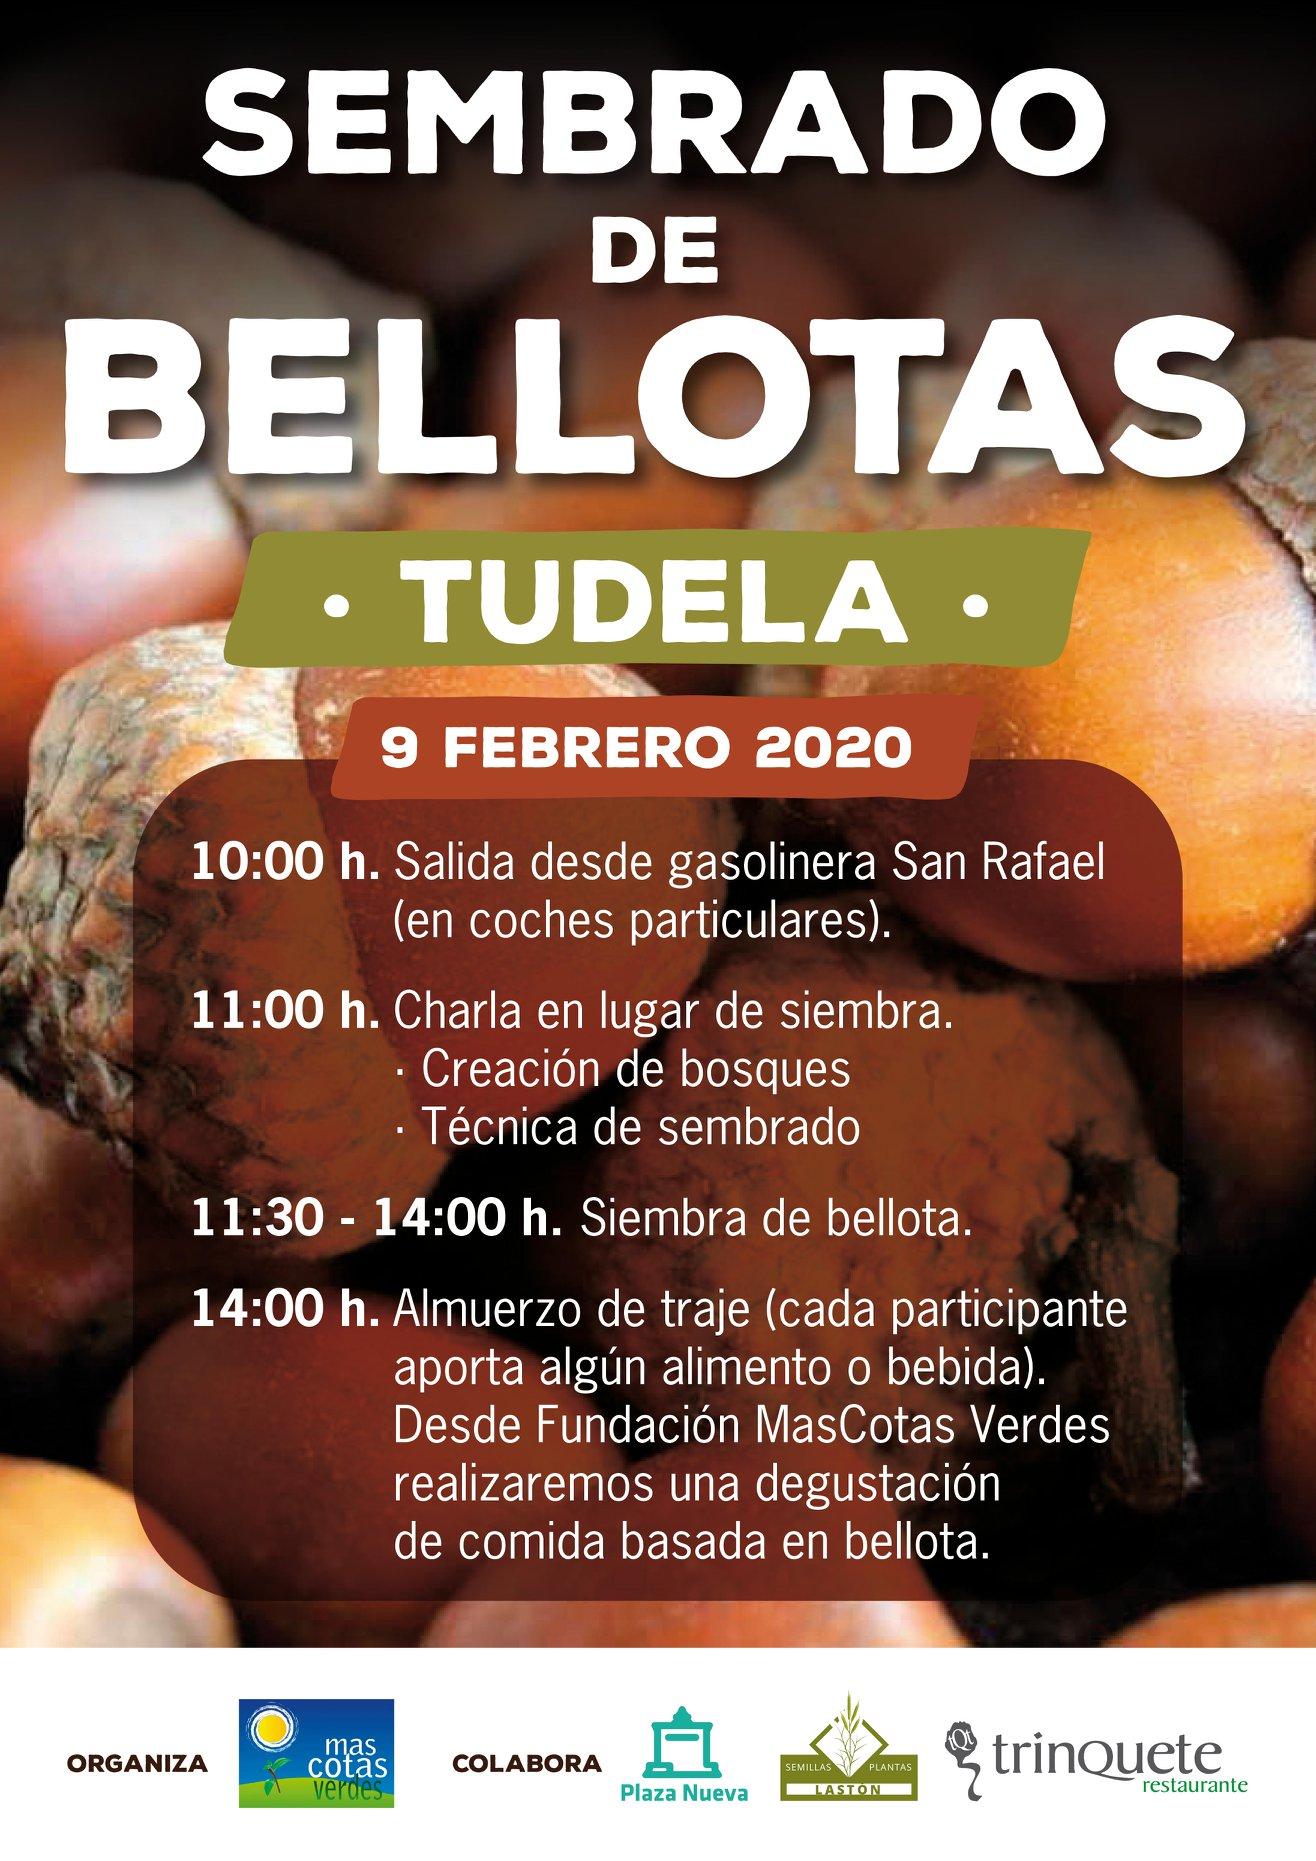 SEMBRADO BELLOTAS ENERO 2020